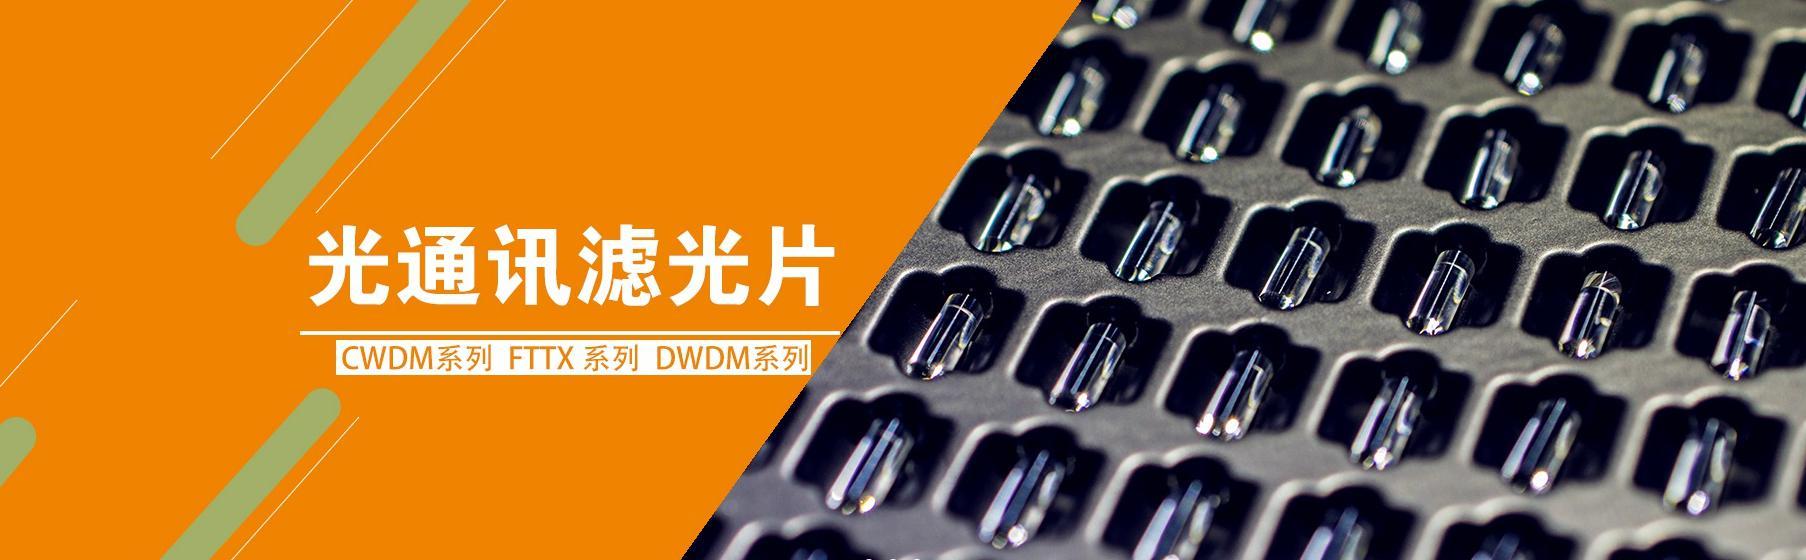 深圳市纳宏光电技术有限公司专业镀膜光纤,光纤头,柱面光纤镀膜,膜系